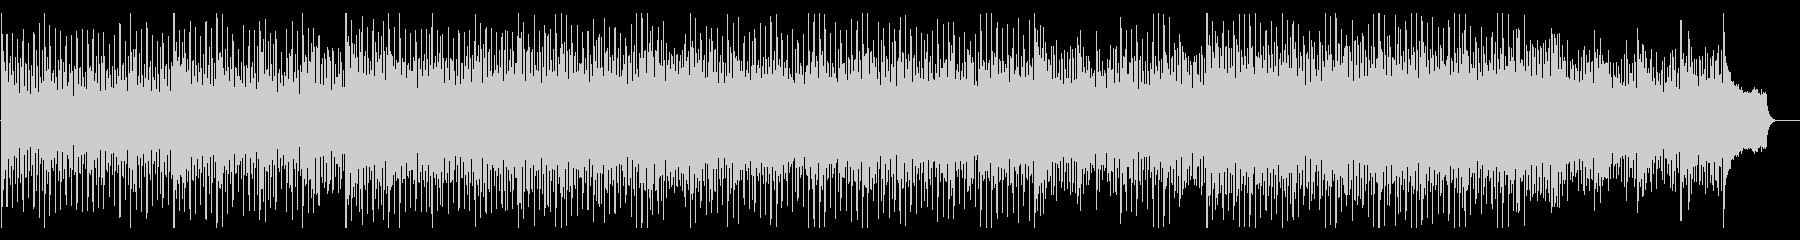 ストリングスが軽快なコーポレート/春の未再生の波形